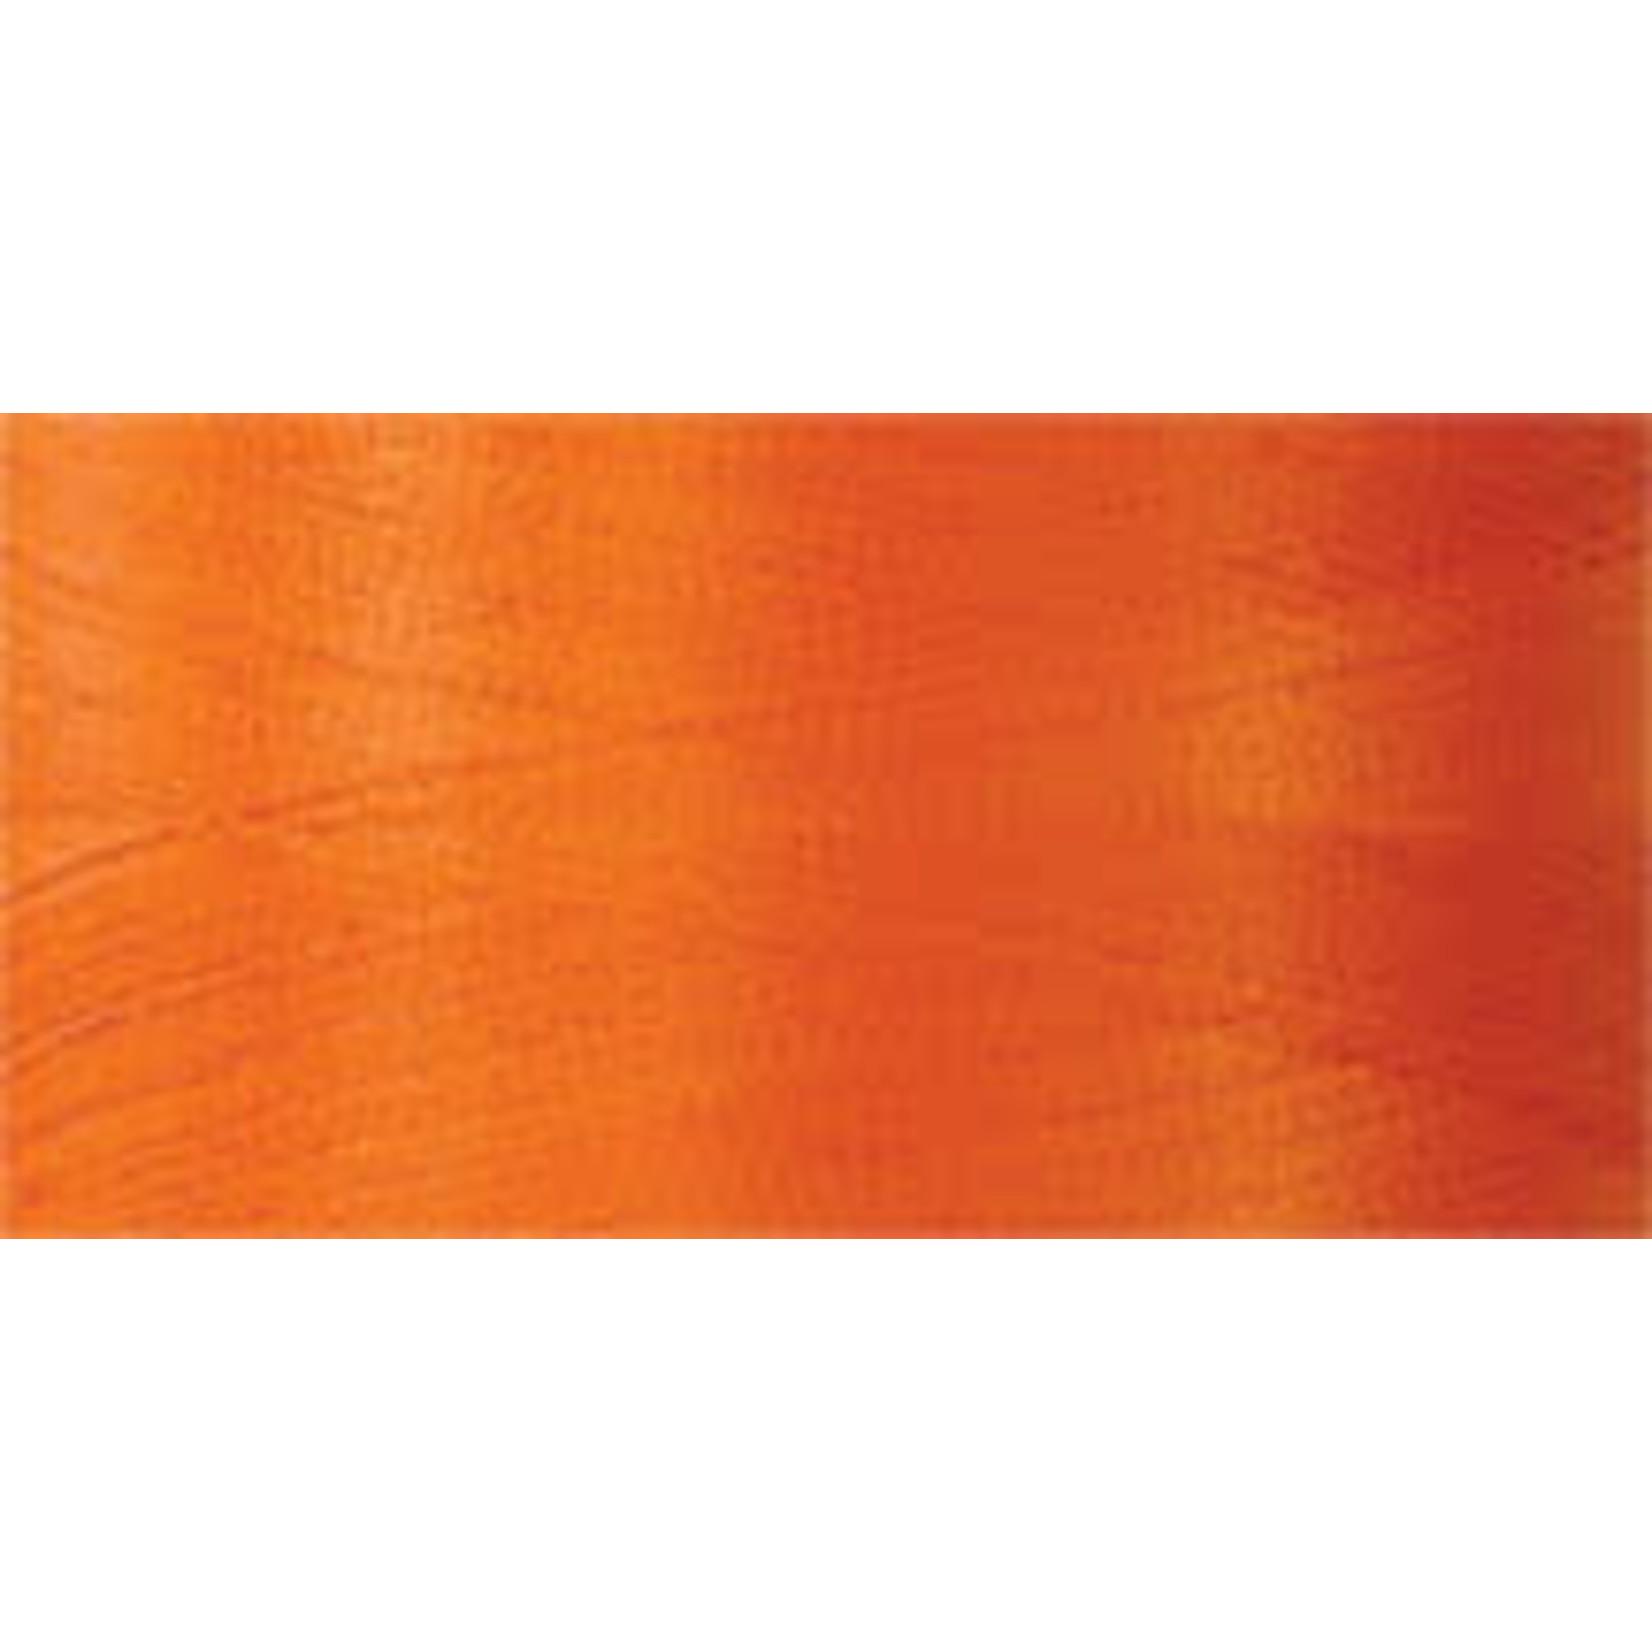 Superior Threads Bottom Line - #60 - 1300 m - 639 Bright Orange